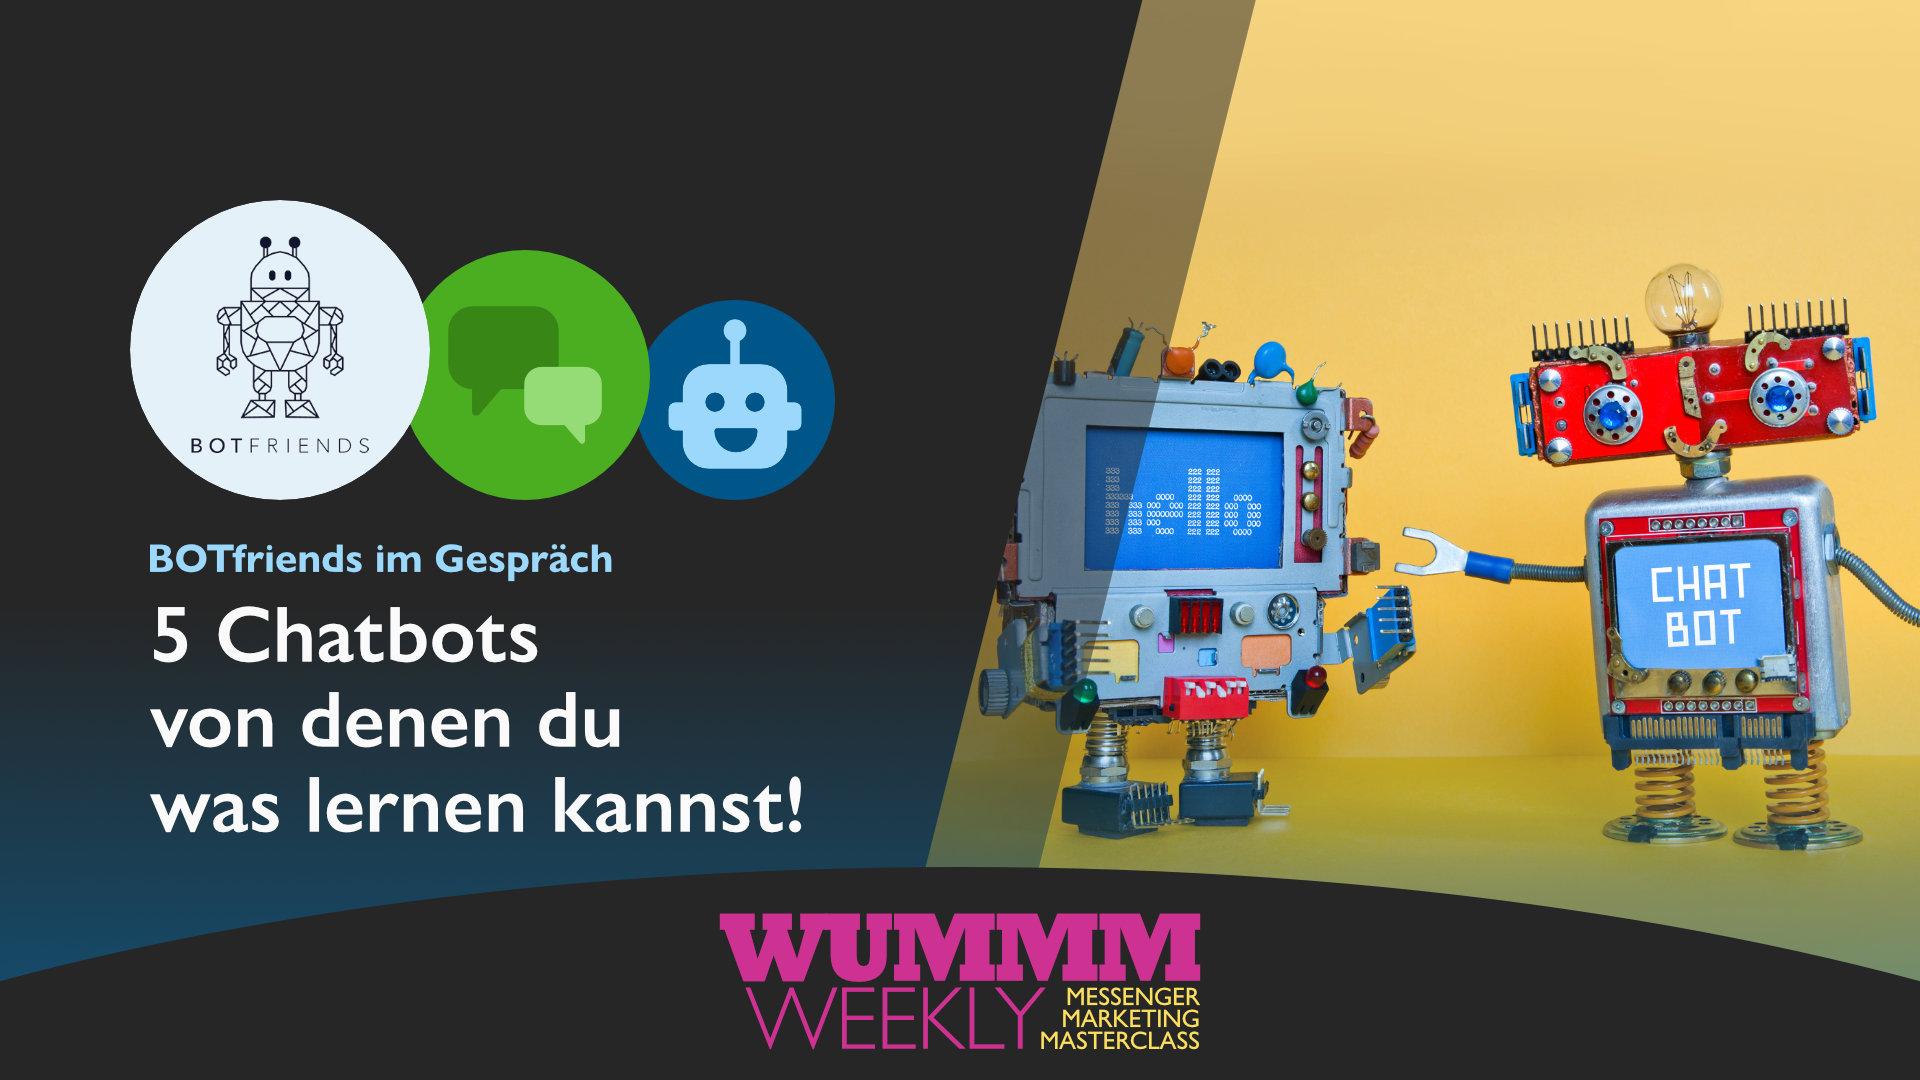 Wummm-weekly, BOTfriends im Gespräch